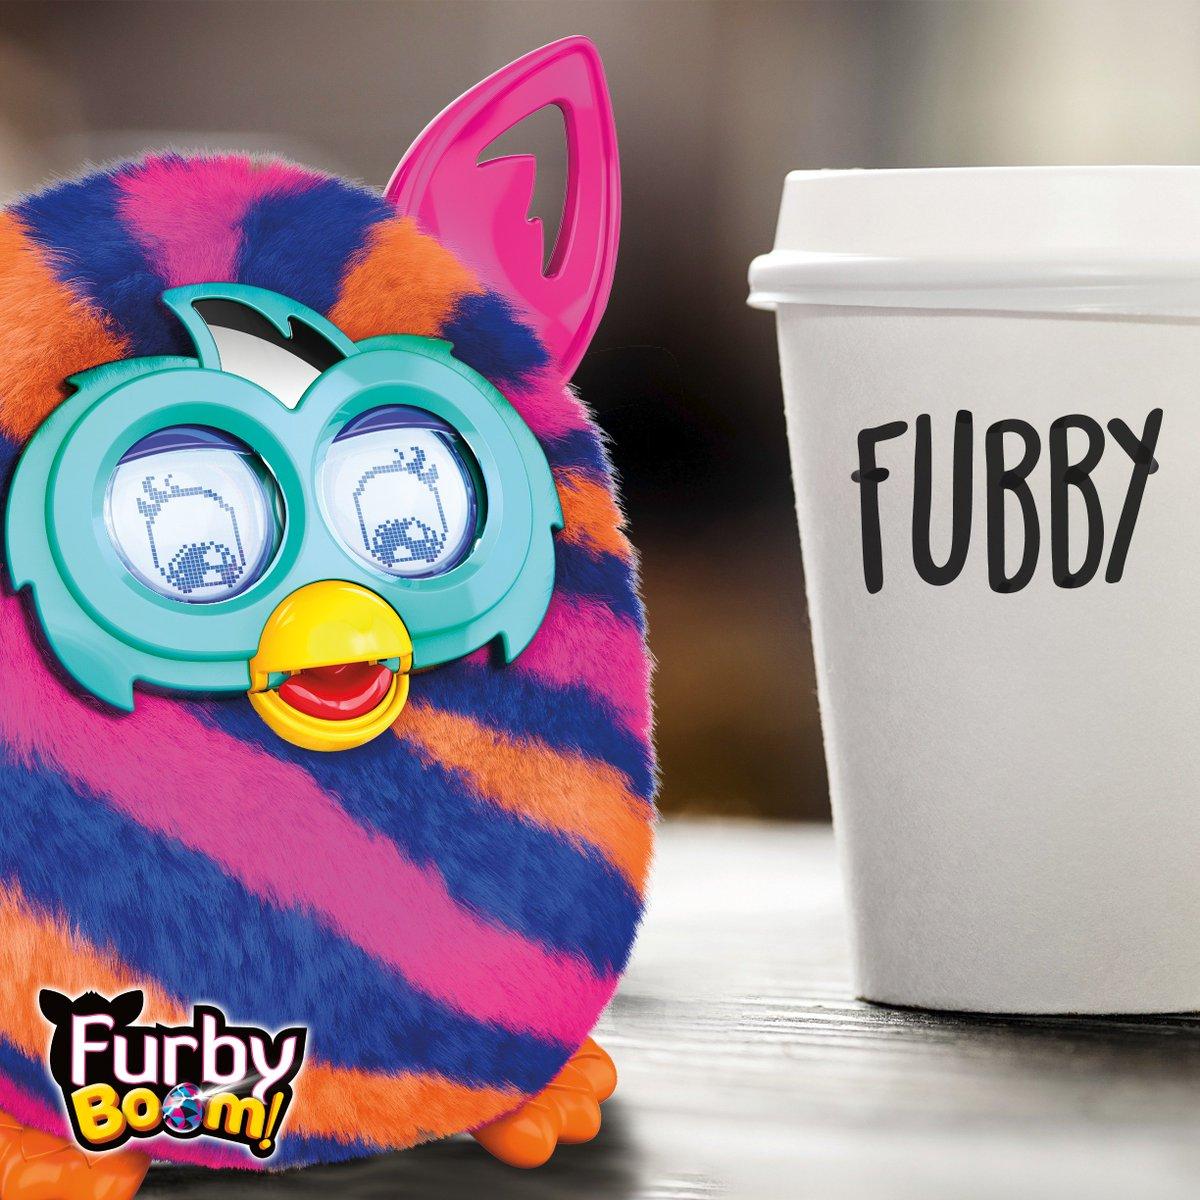 Marchando un café doble bien cargado para #FurbyBomm… Le espera un intenso día de compras navideñas. :) https://t.co/VFzDCDl6zH